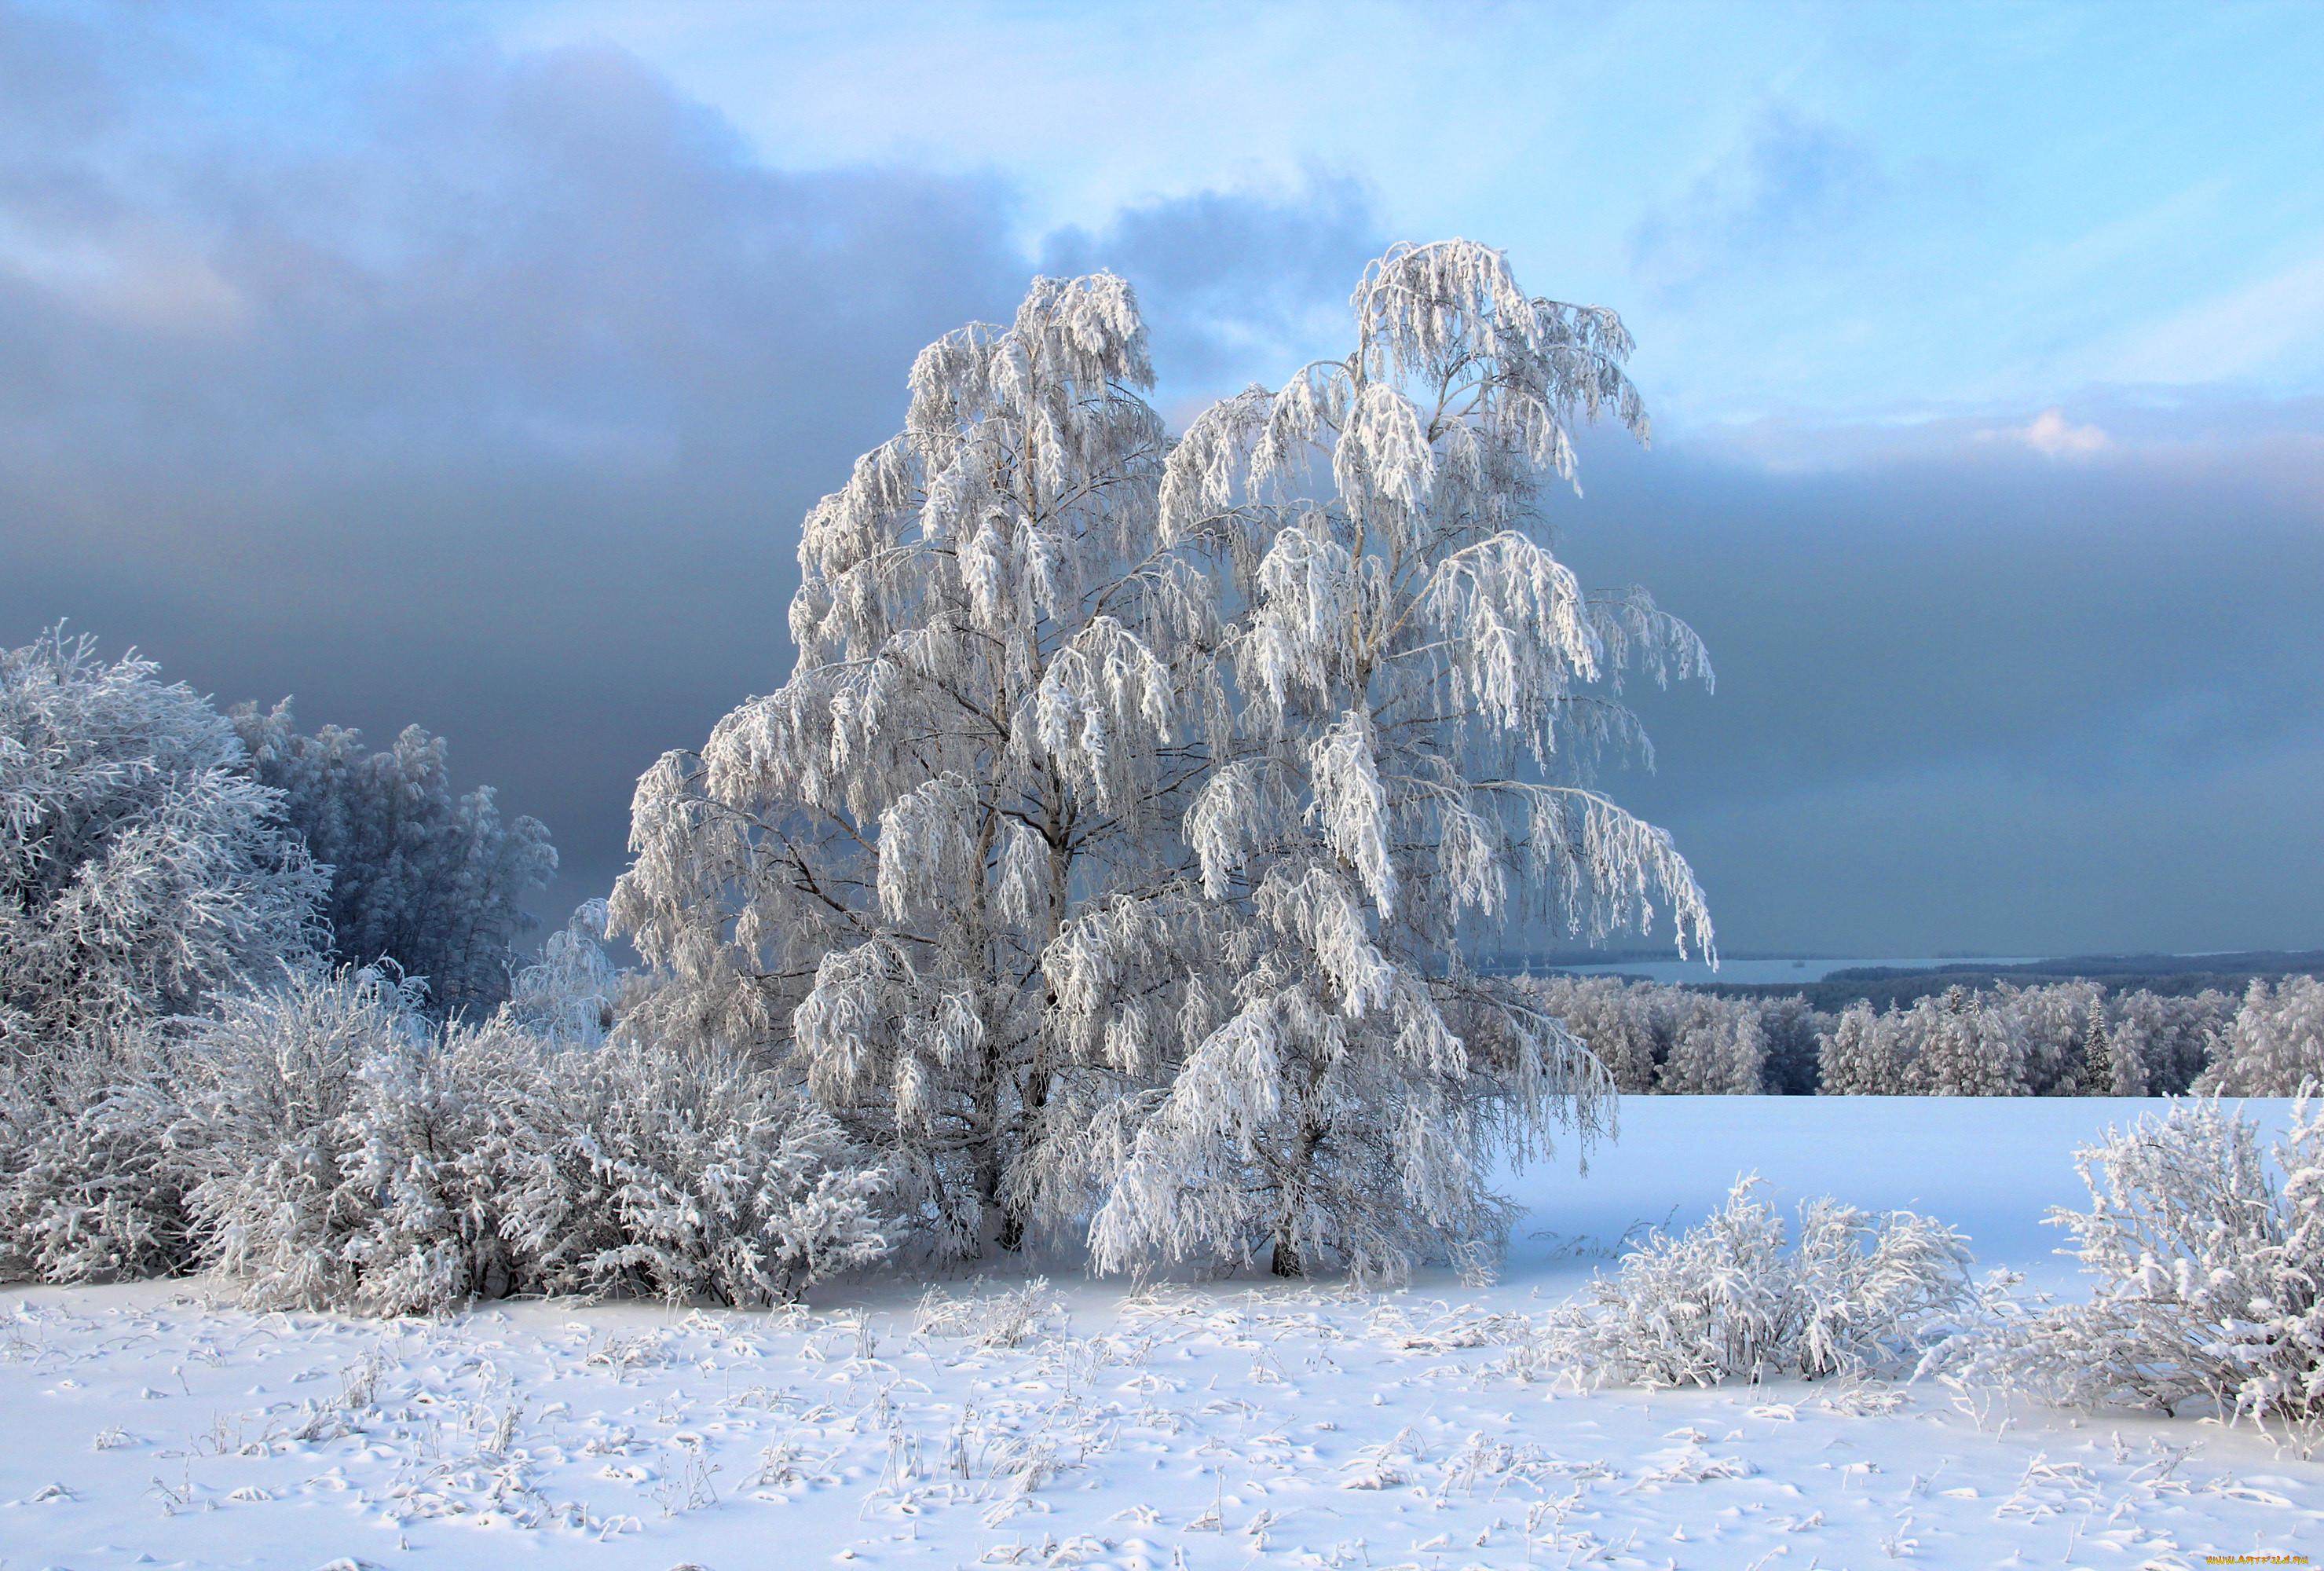 нашем пейзаж картинки природа зима называются картинки